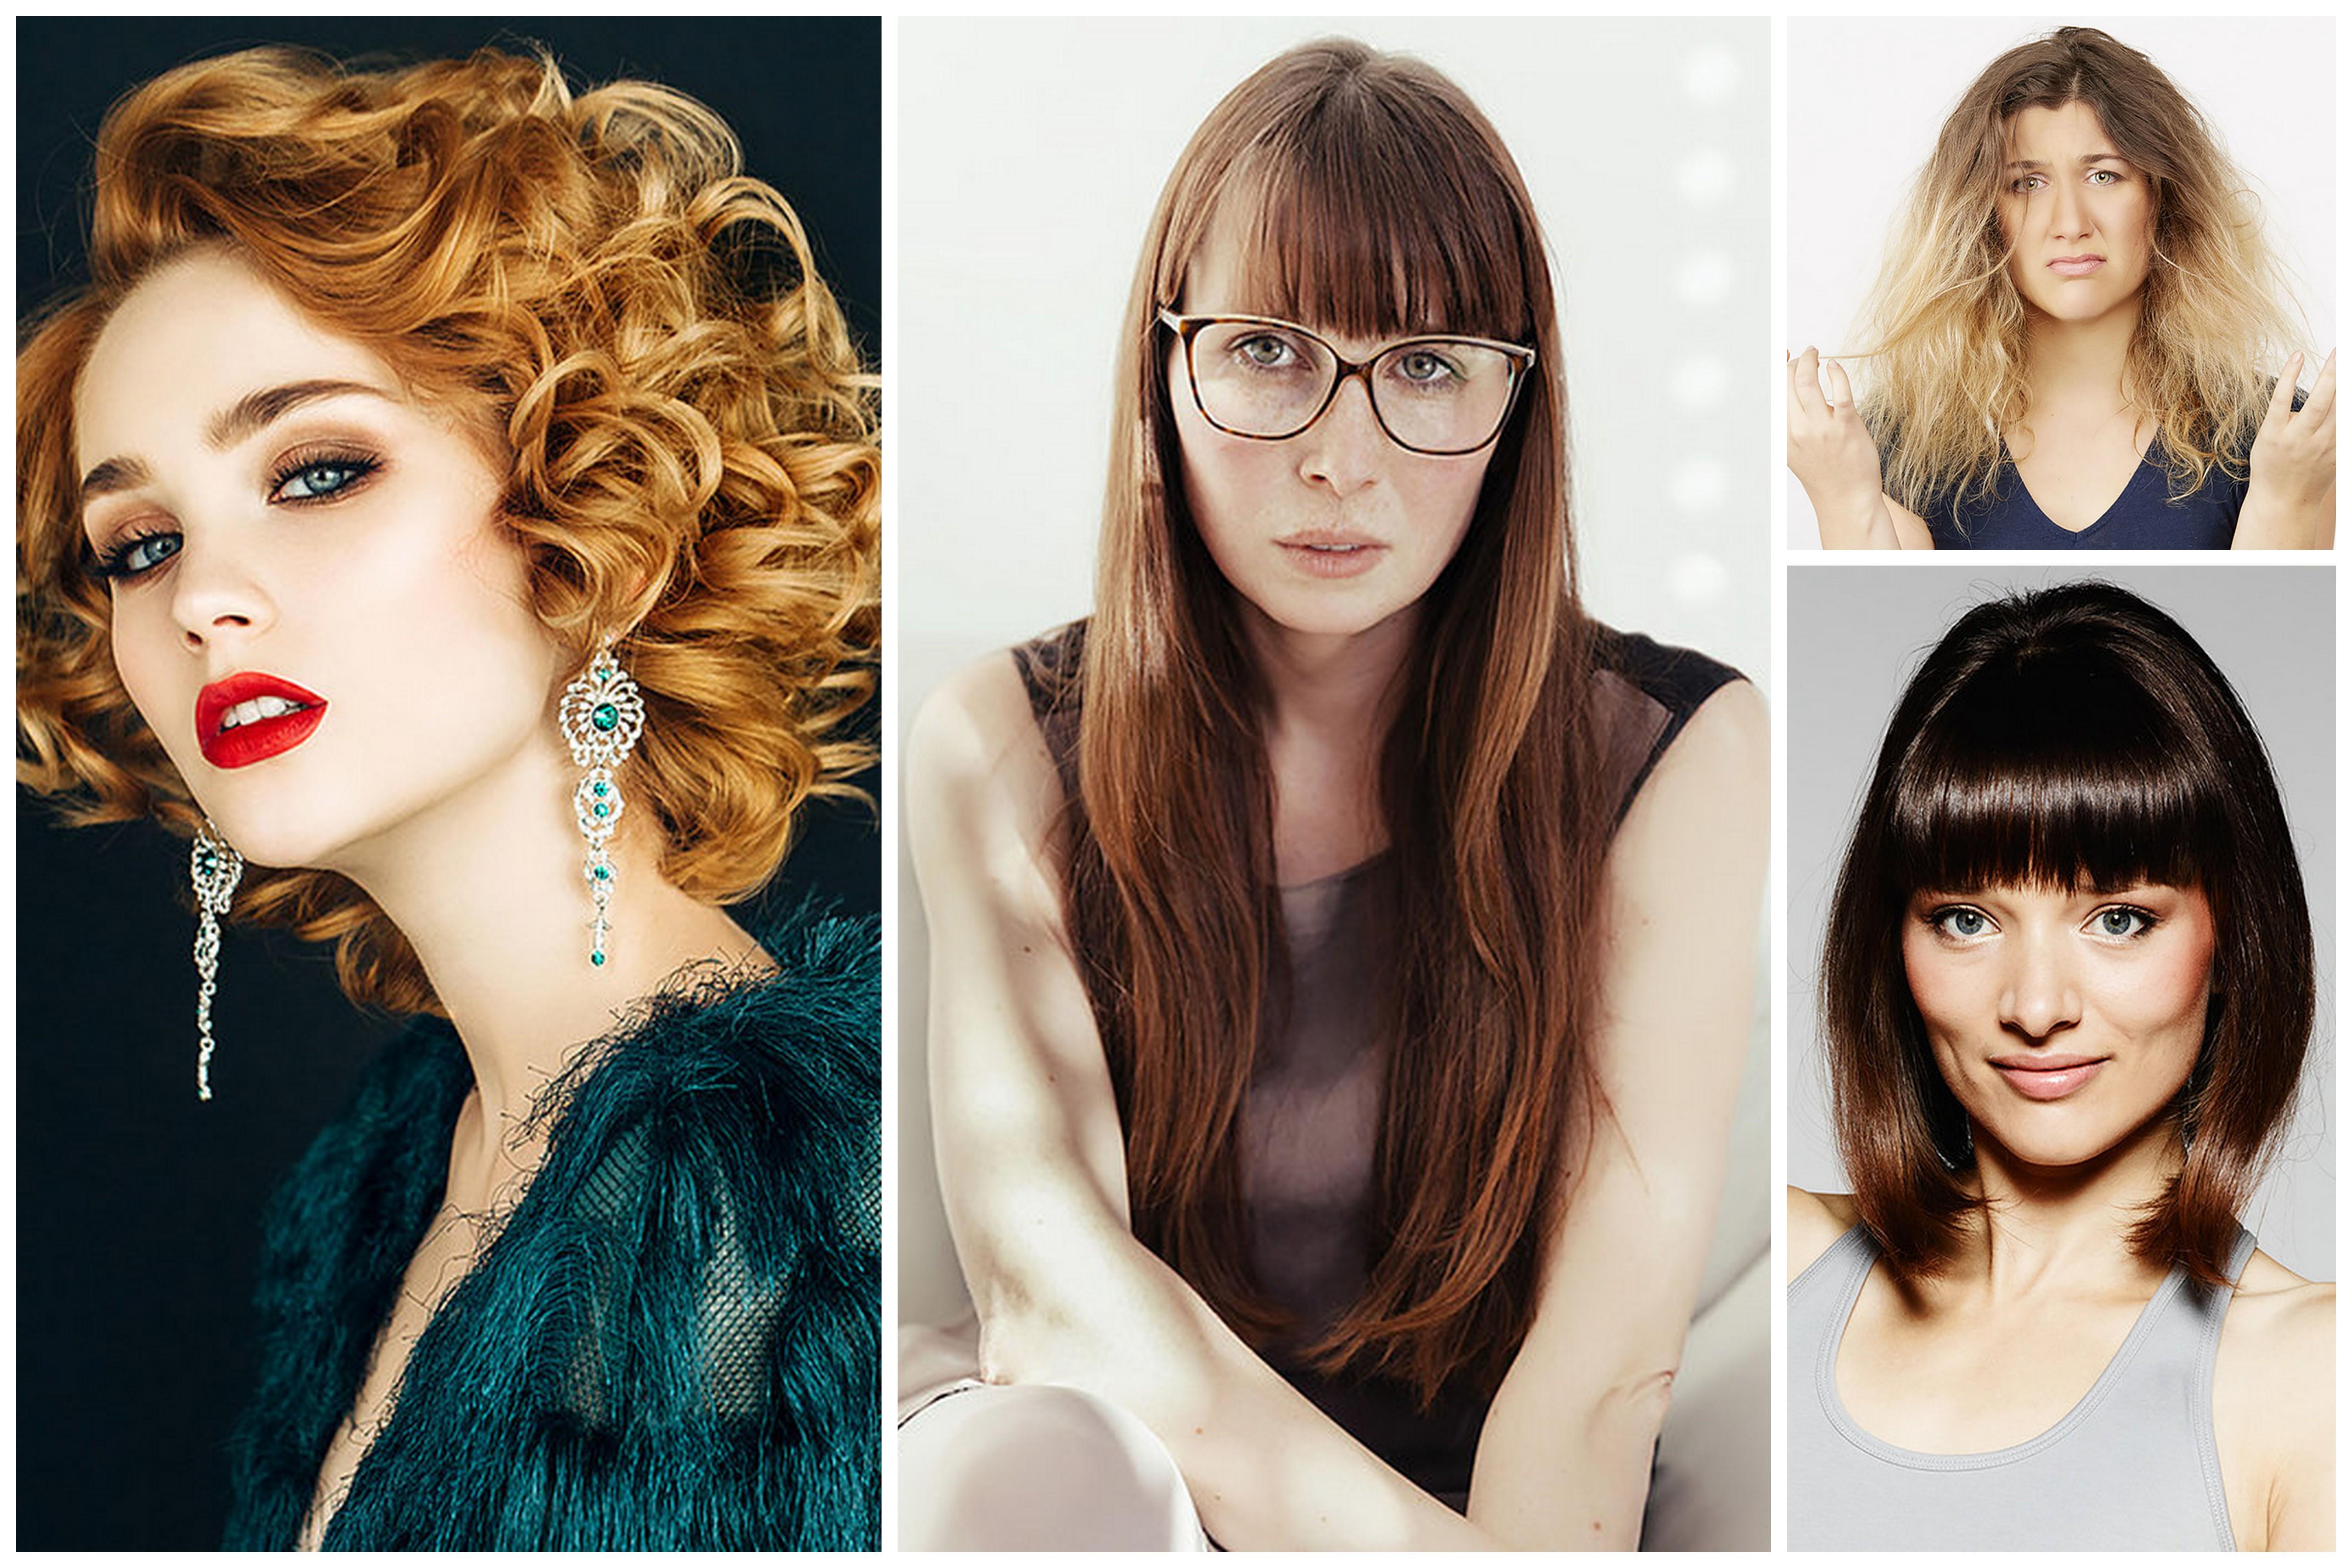 10 matu sakārtojumi, kuri padara sievieti daudz vecāku. Nepieļaujiet šīs kļūdas!